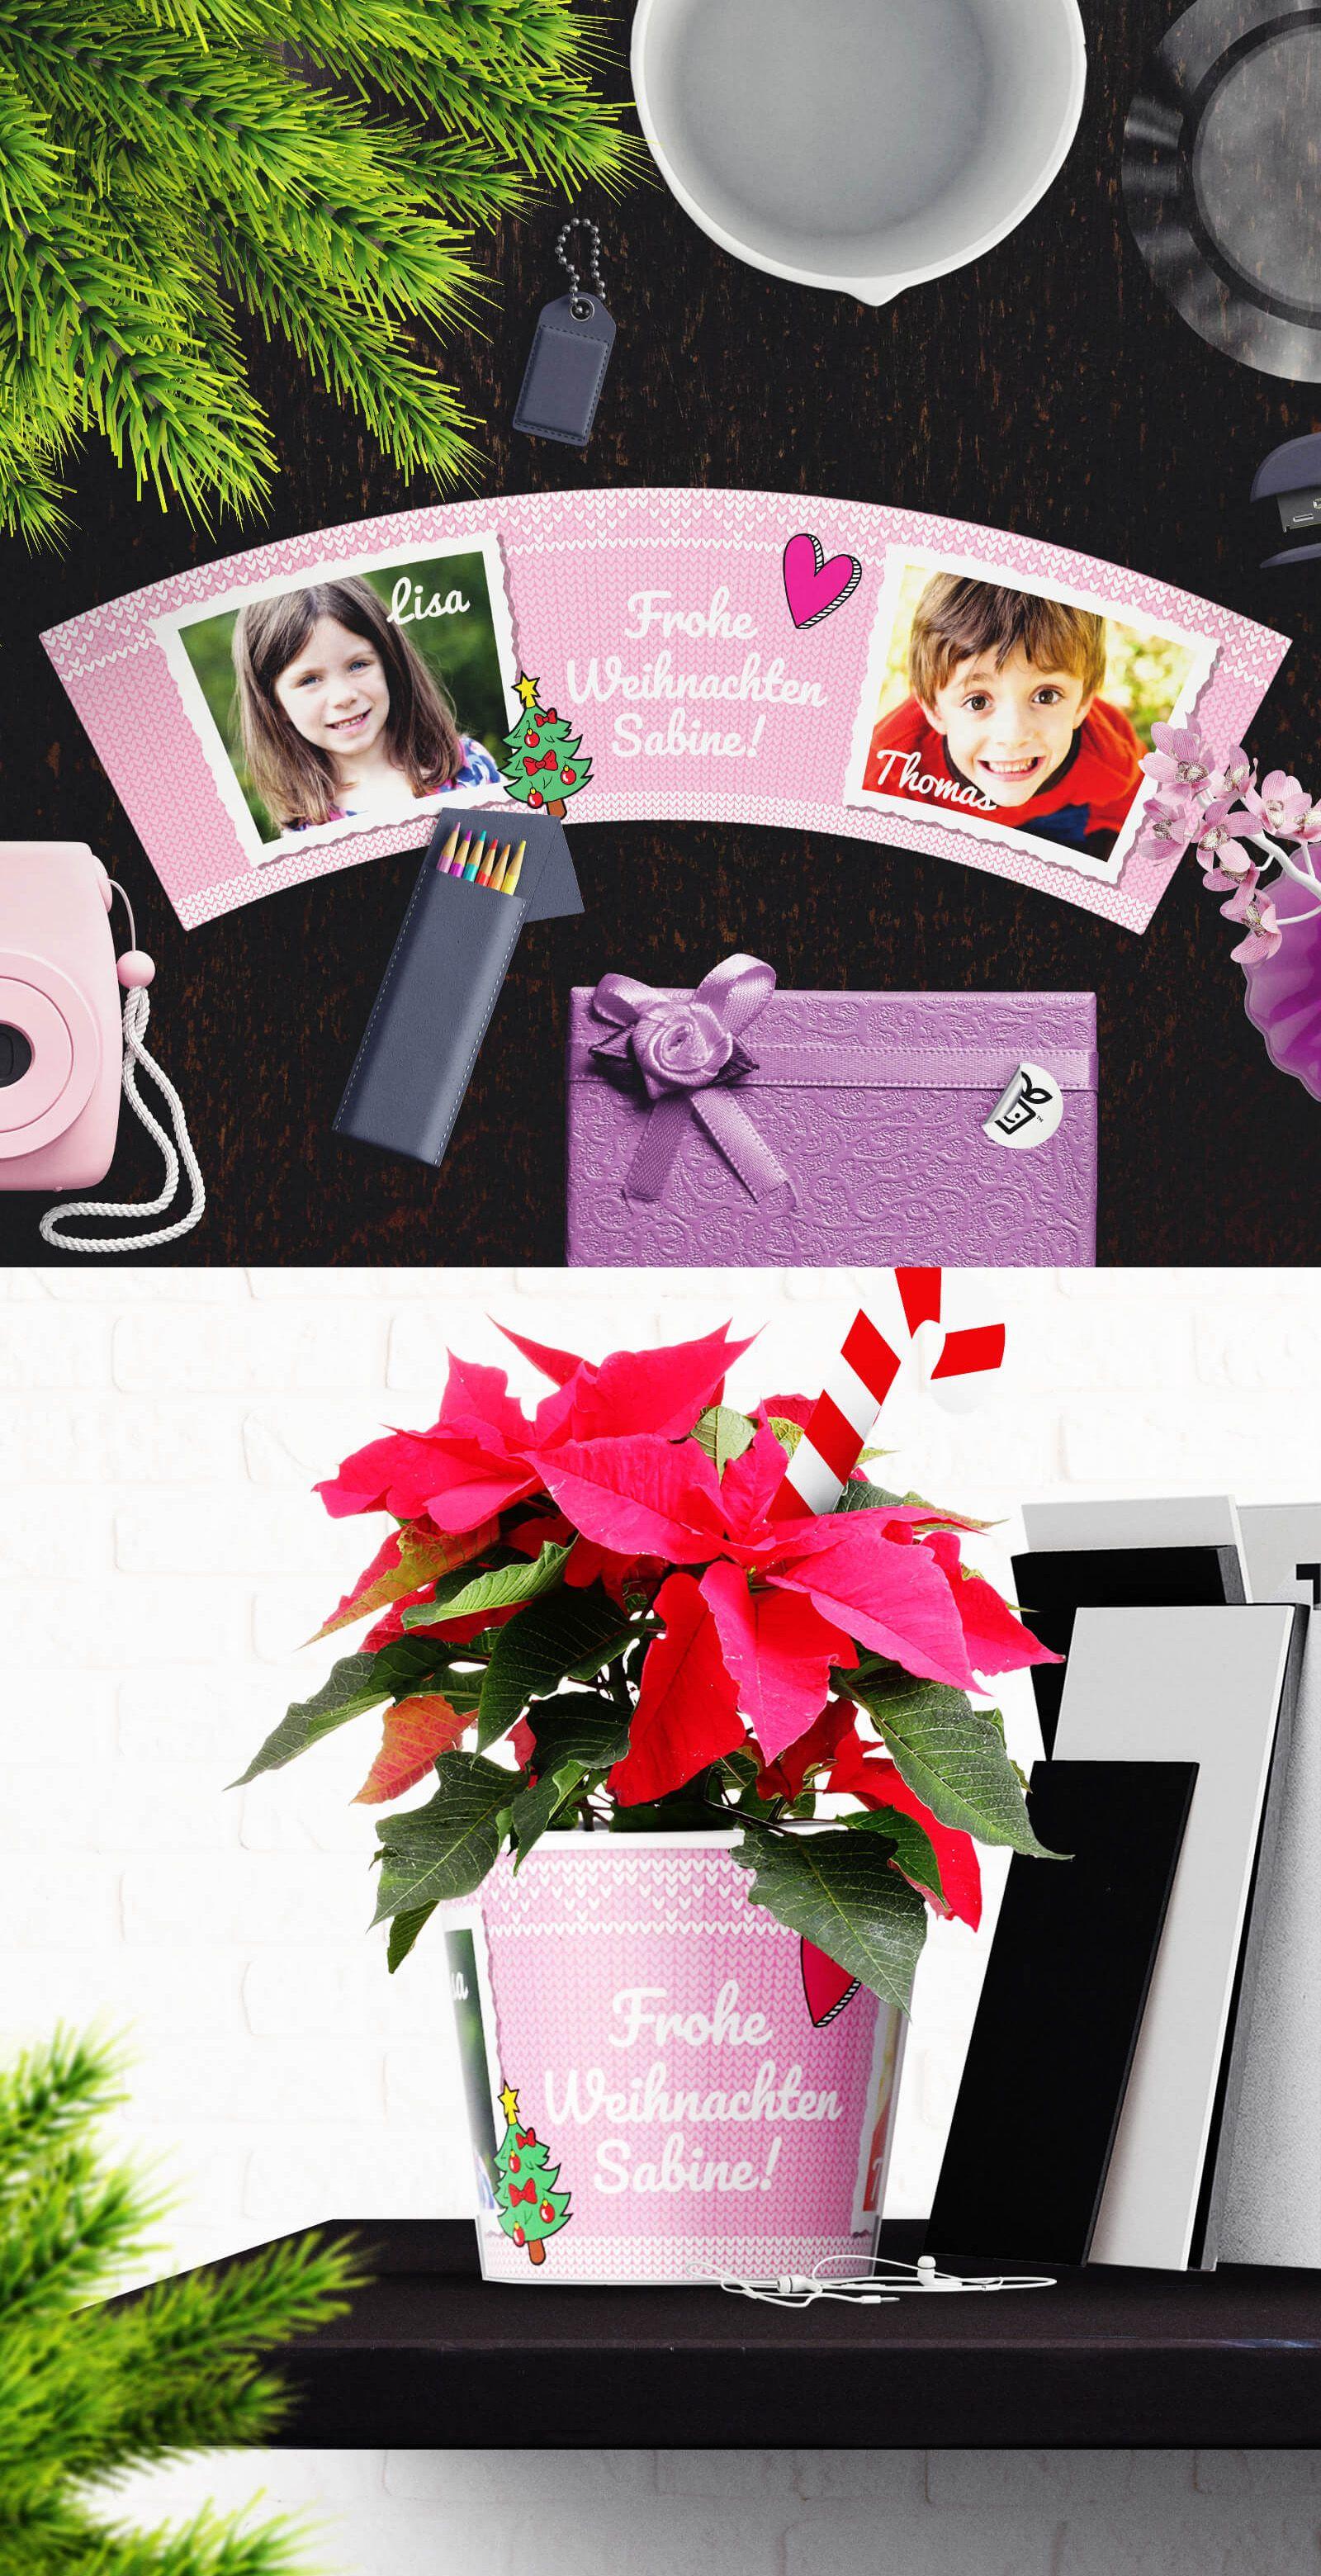 geschenk erzieherin weihnachten mit 2 fotos geschenke geschenk erzieherin weihnachtsw nsche